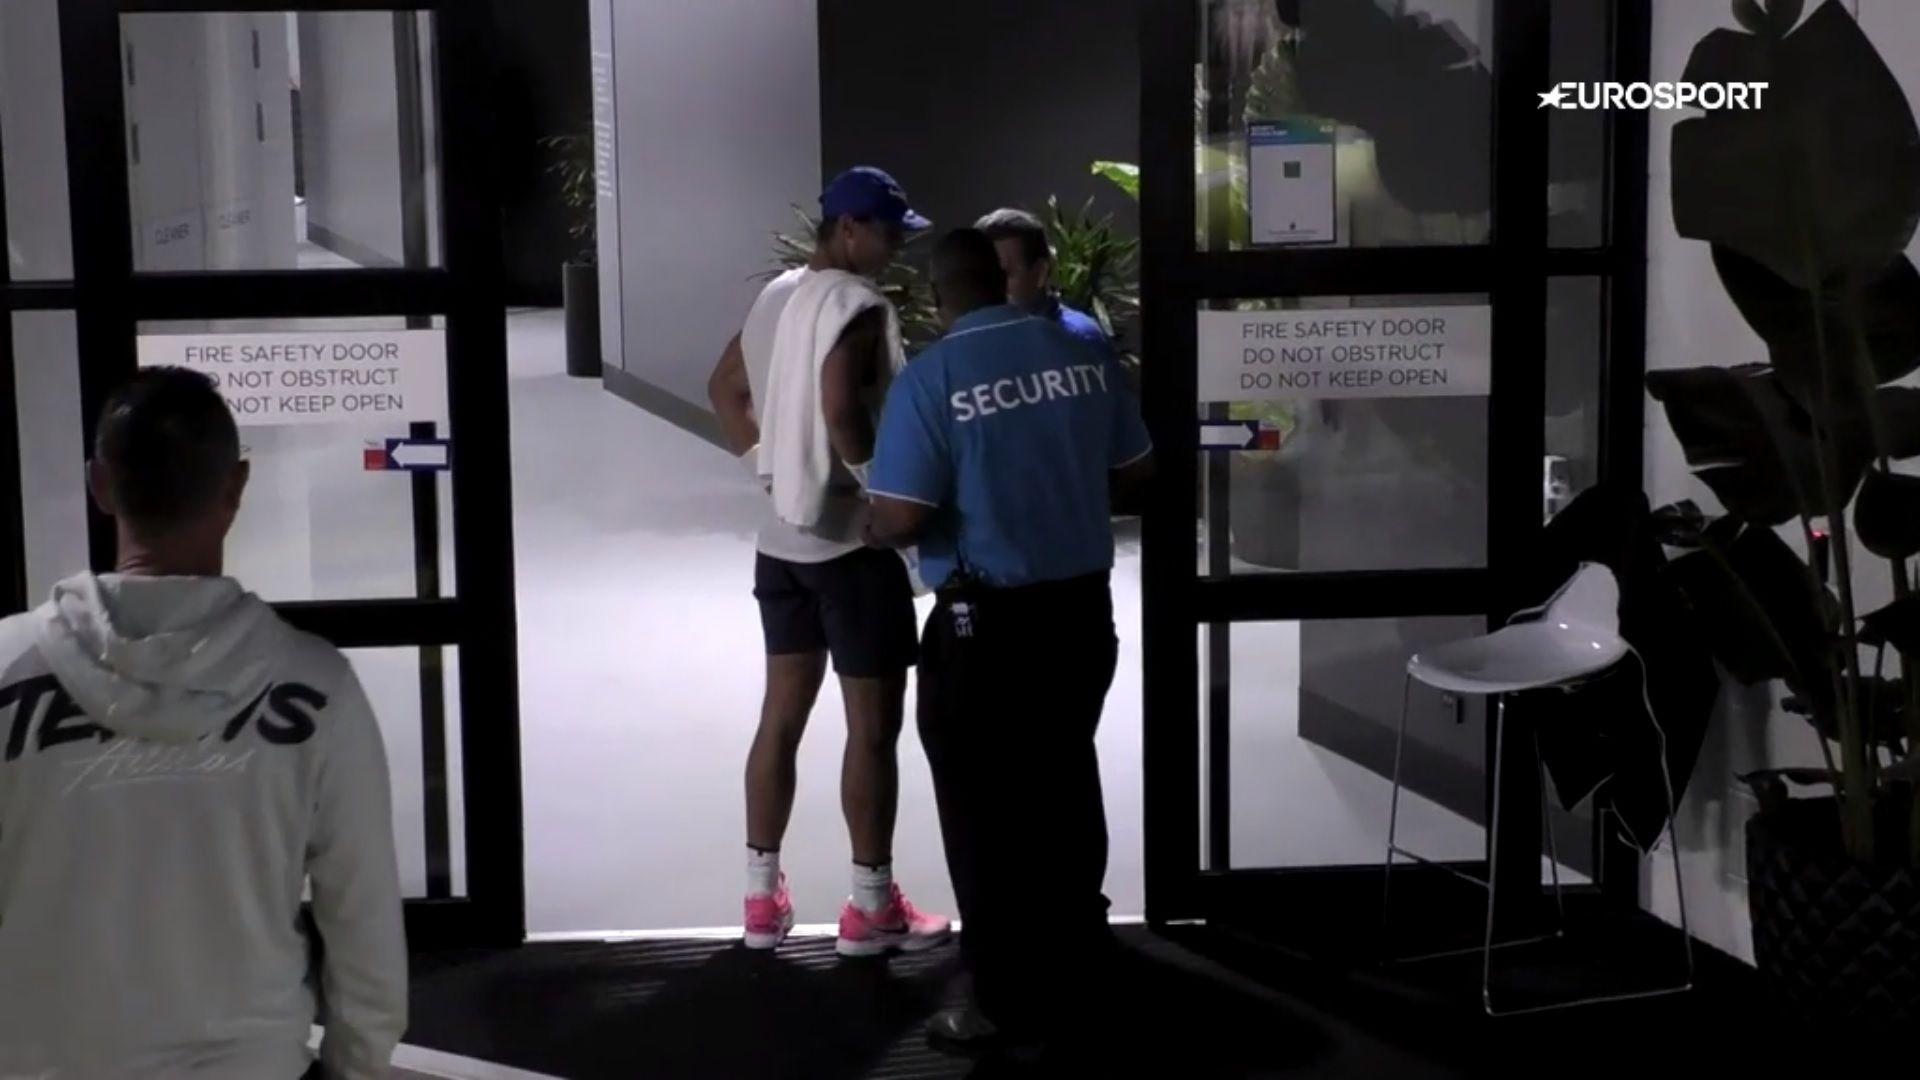 Nadal a meccsére ment, de fennakadt egy biztonsági őrön